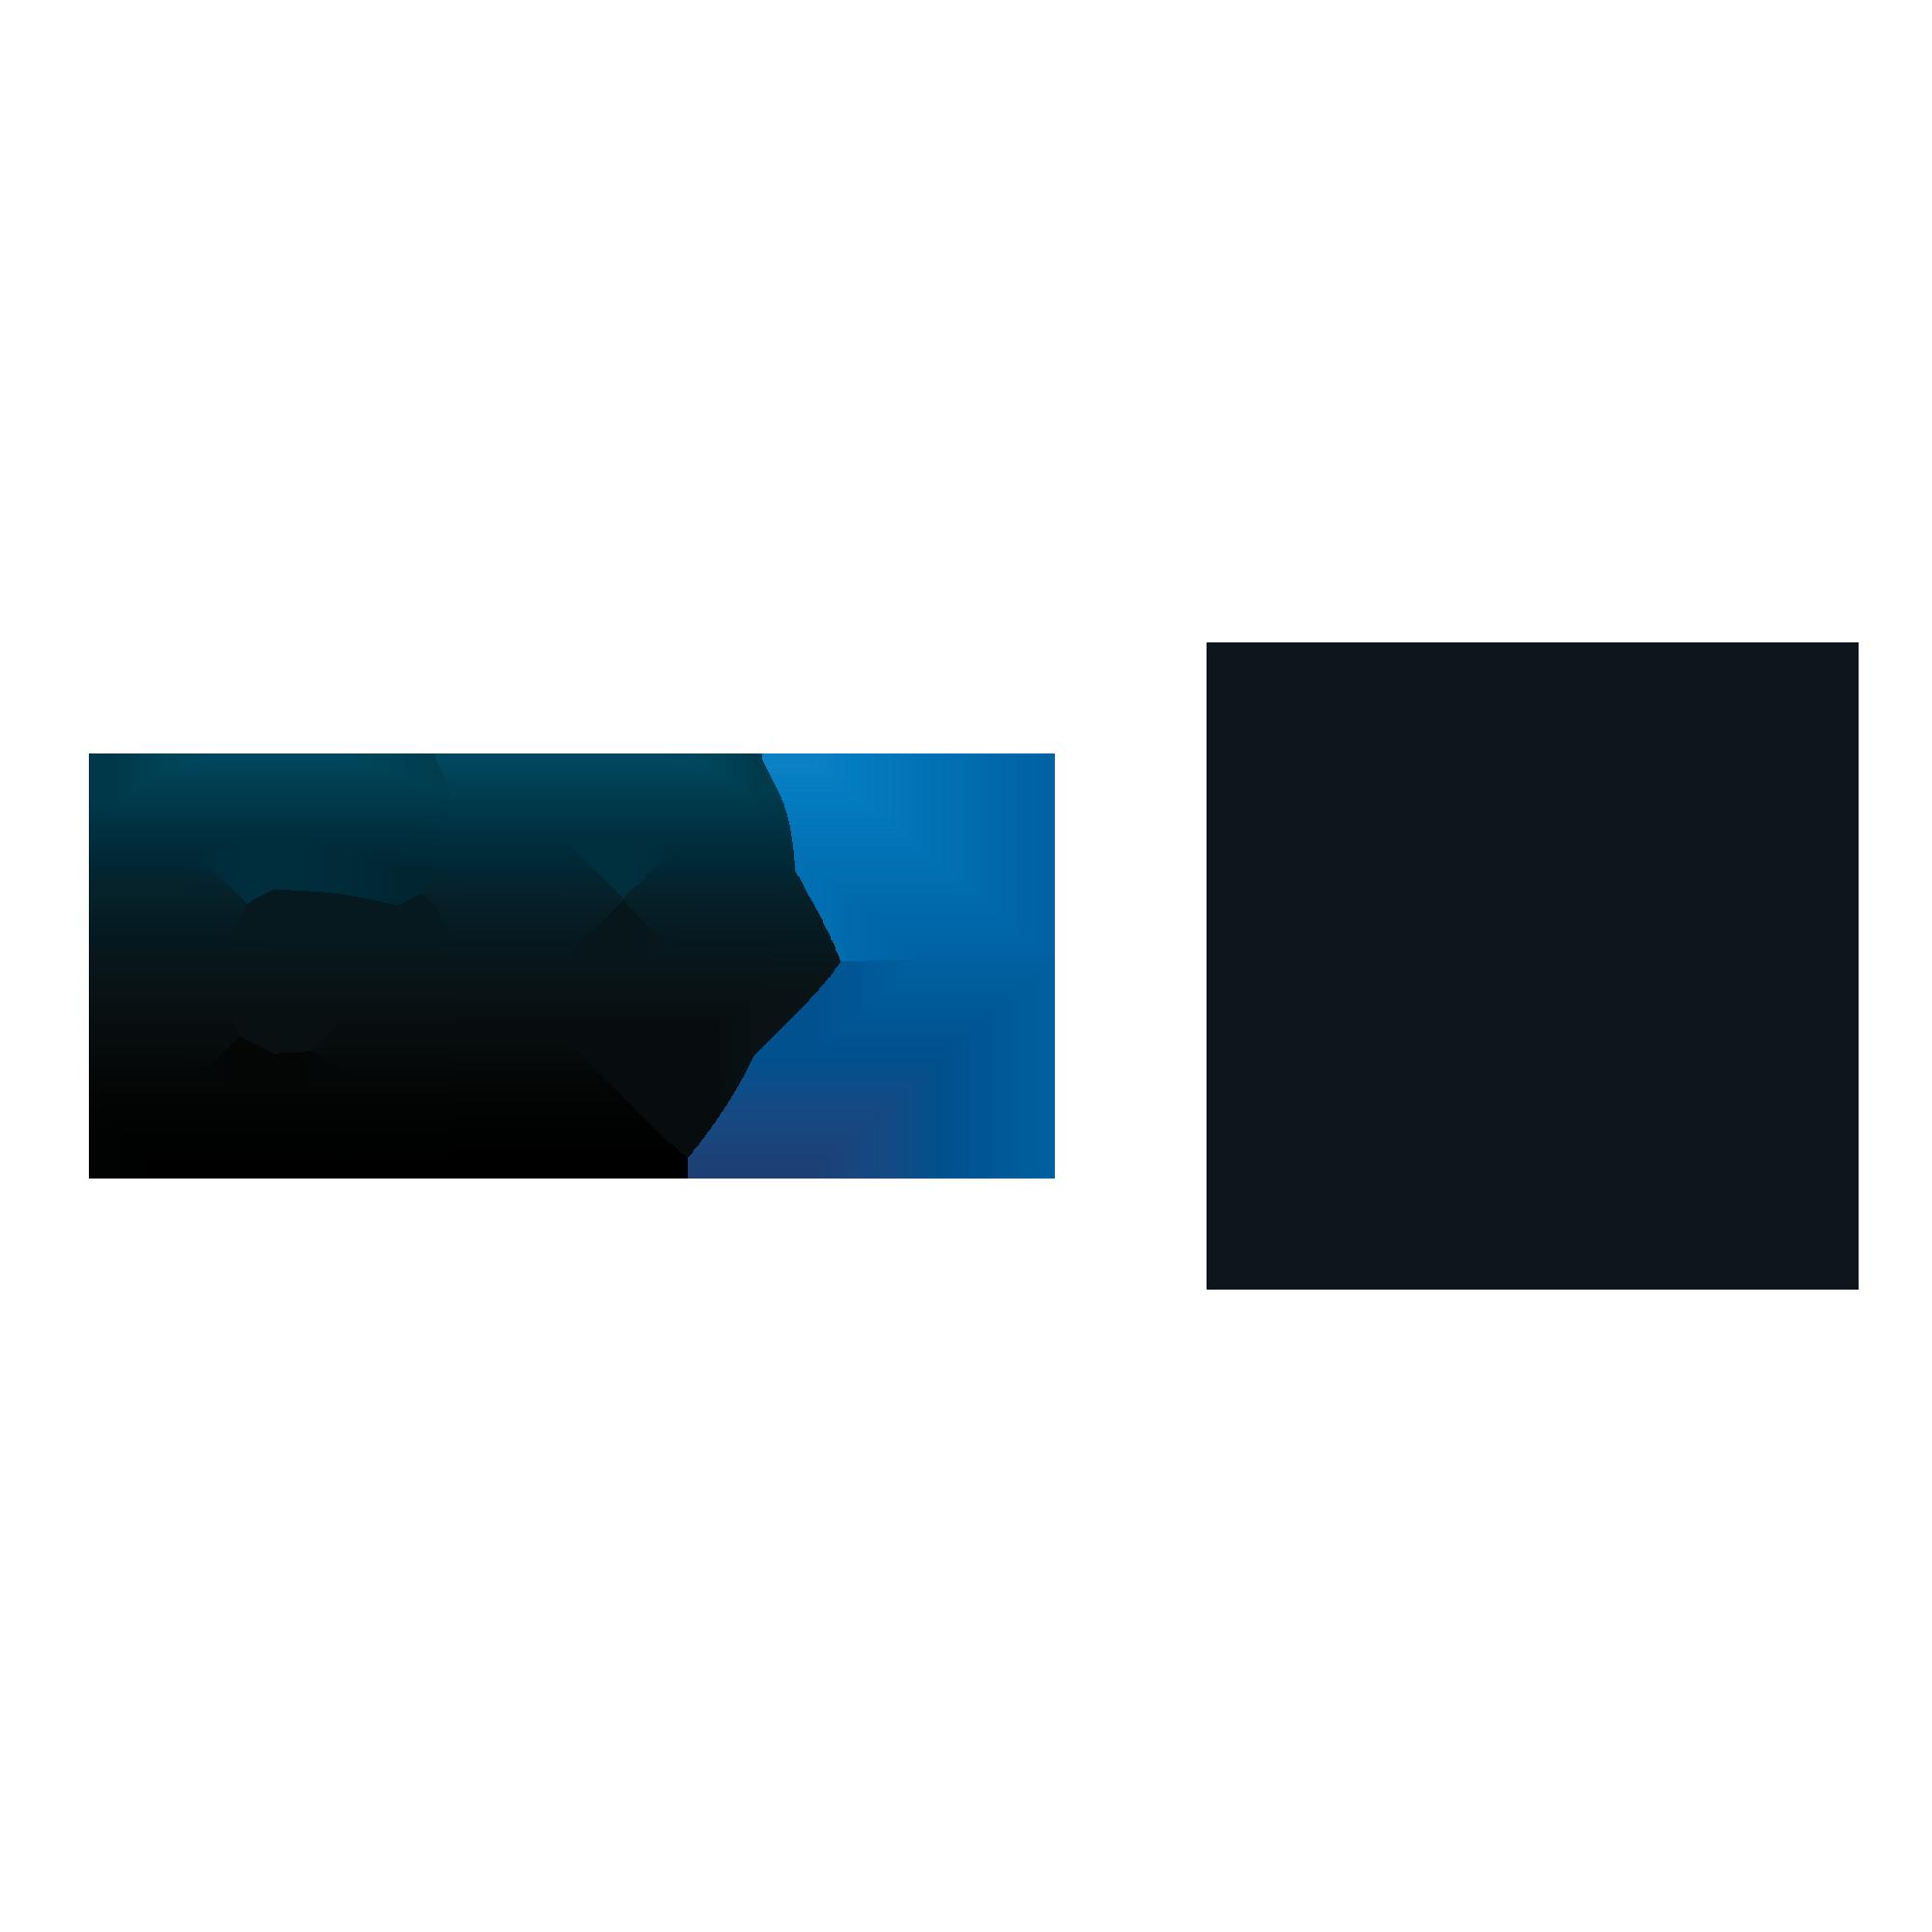 gp_dazn_w2w_logo